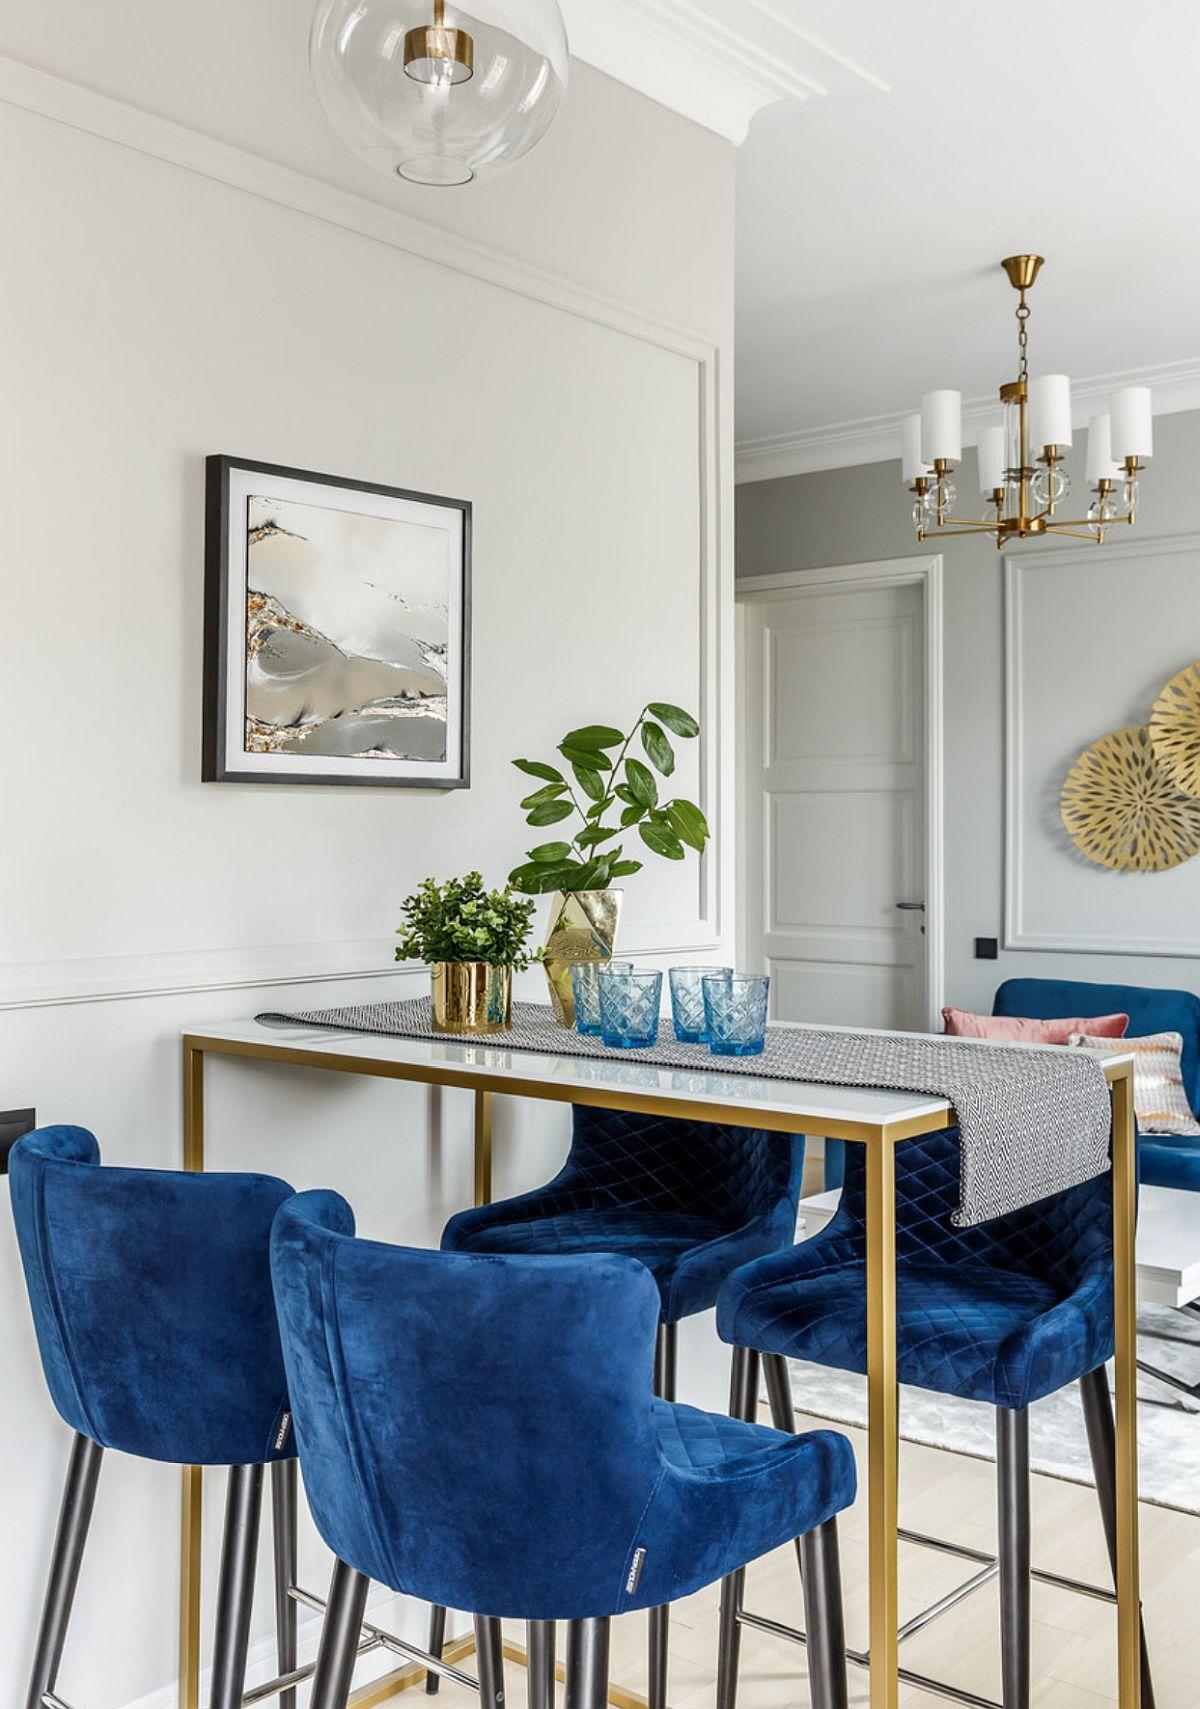 Între spațiu mic de multe ori o masă mai înaltă de tip bar poate fi o soluție bună prin diferențele de nivel care se creează în spațiu, dar și prin dimensiunile mai mici ale mesei. Aici masa a fost realizată pe comandă după proiectul designerilor. De remarcat modul de finisare și decorare al pereților cu profile decorative vopsite în aceeași nuanță cu a zugrăvelii.